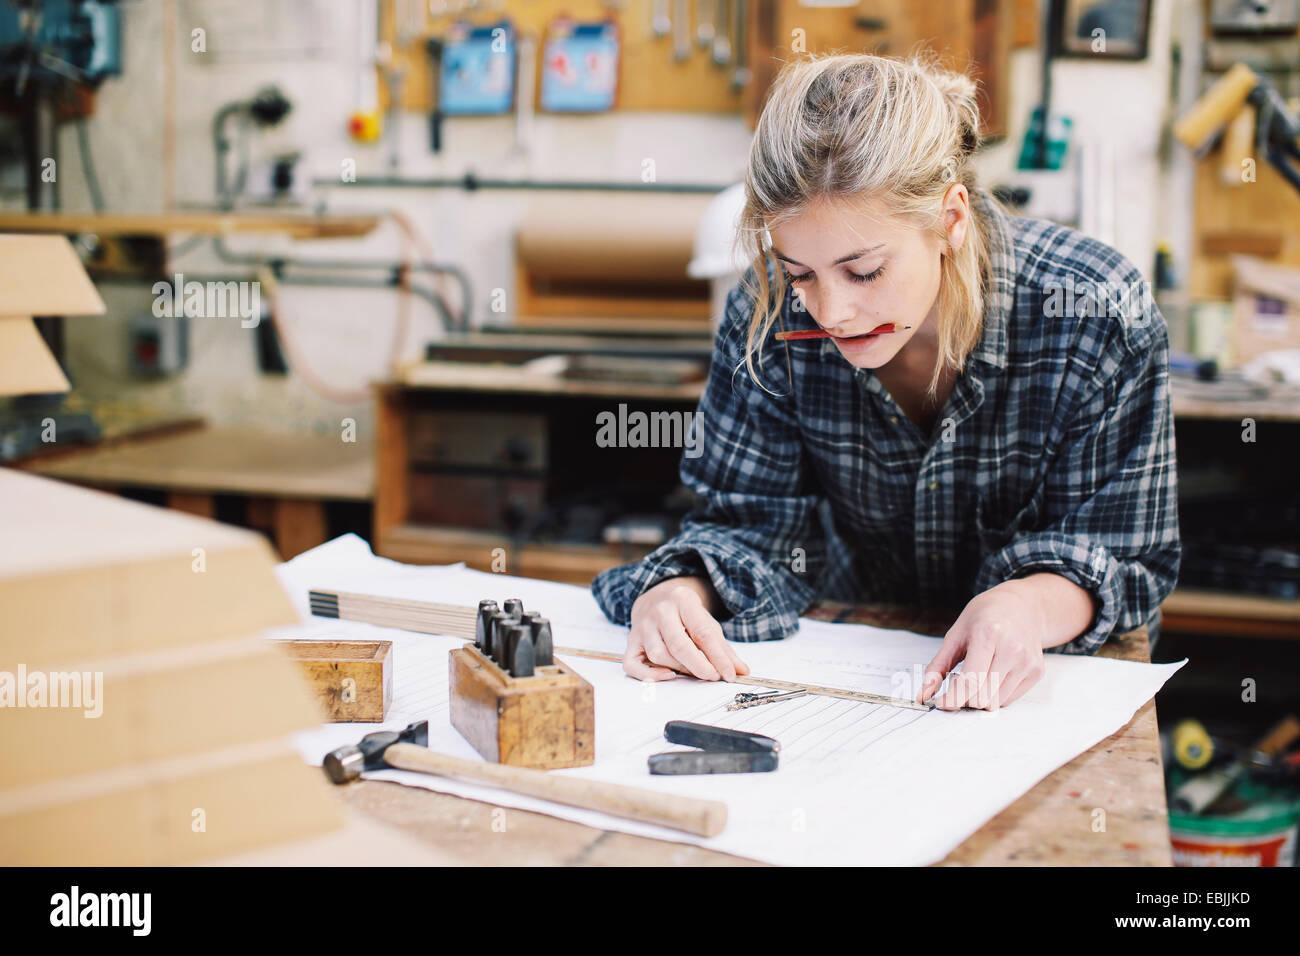 Plan de mesure jeunes artisane sur l'établi dans l'atelier orgue à tuyaux Photo Stock